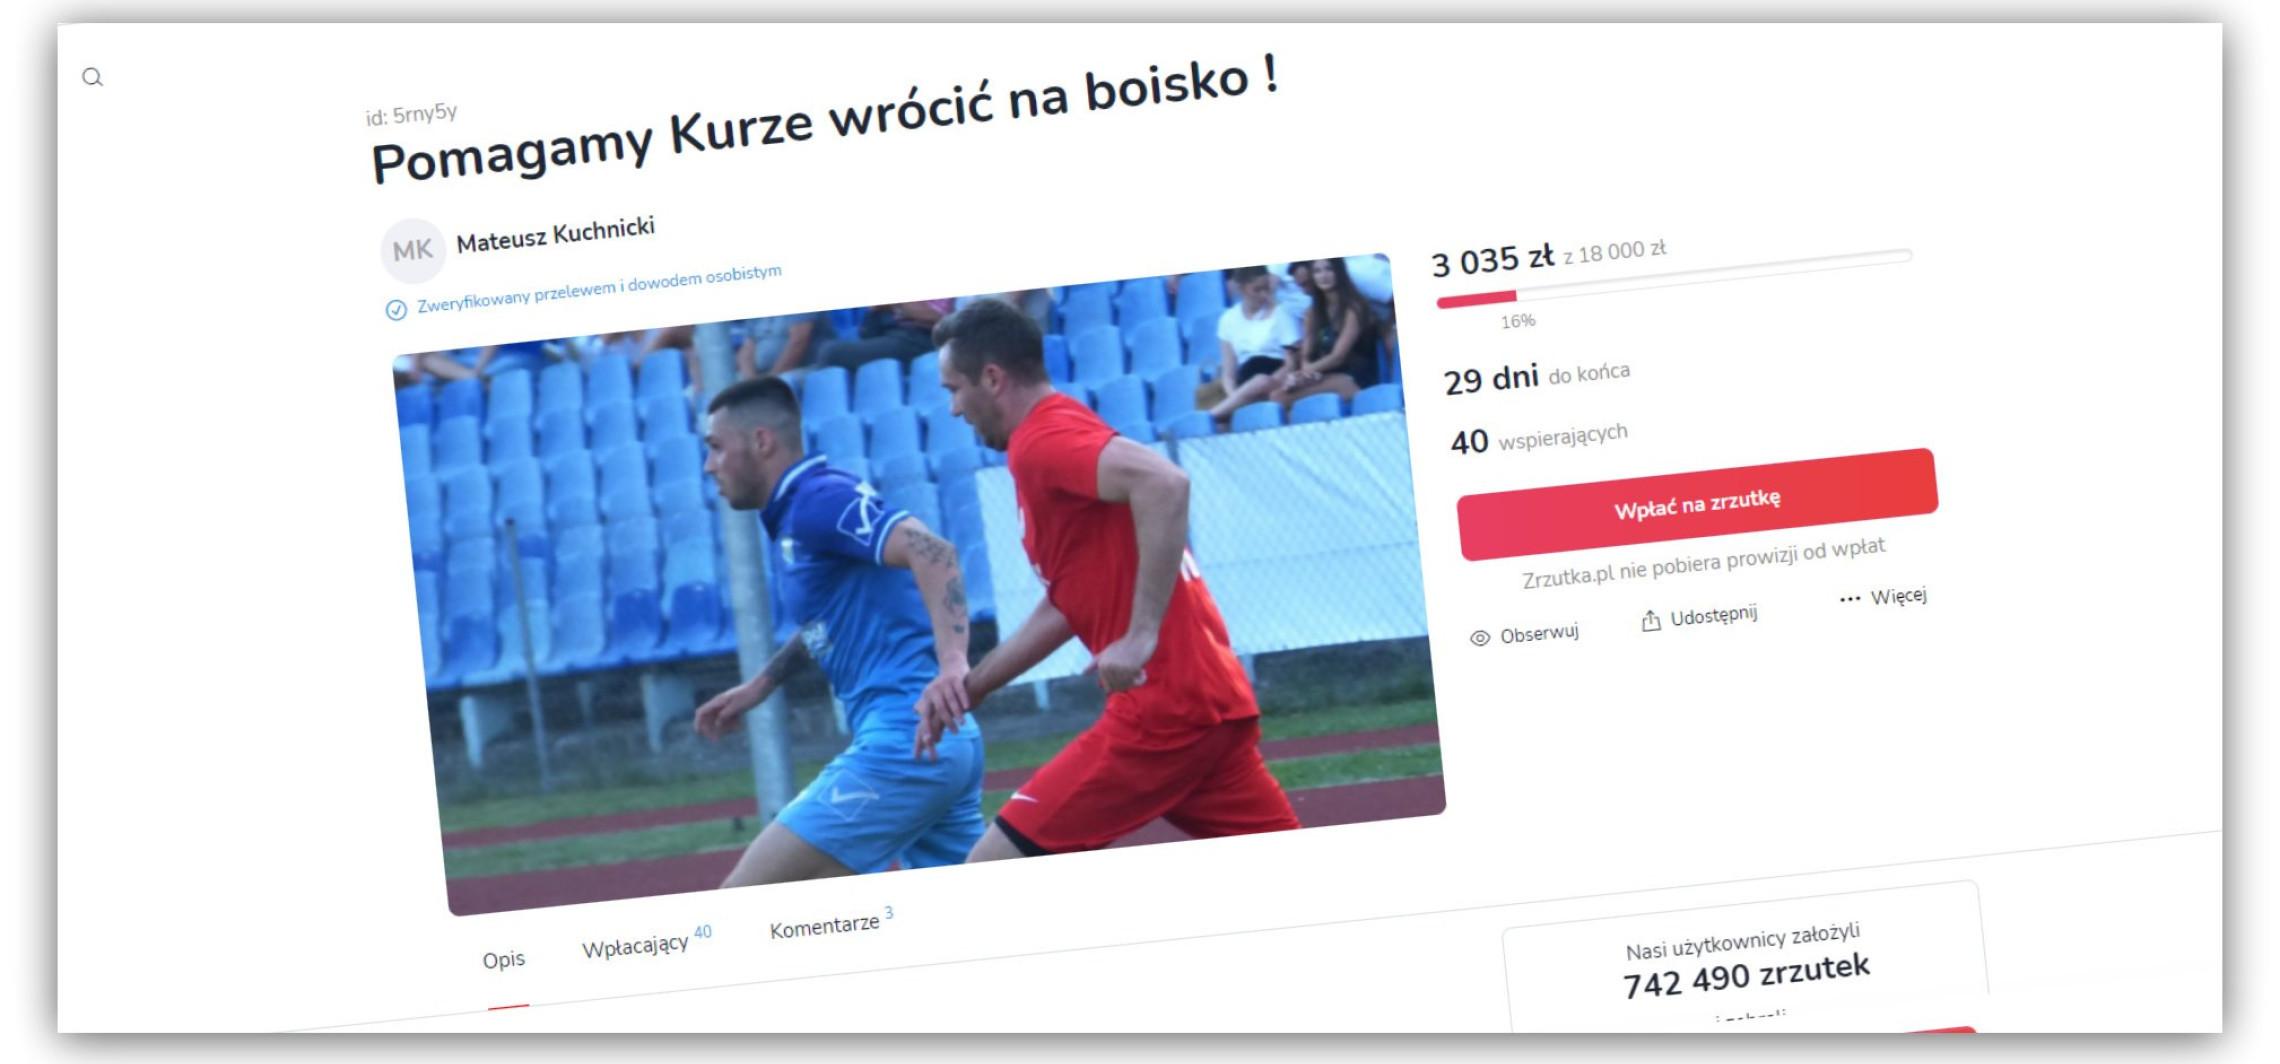 Inowrocław - Kontuzja piłkarza z Inowrocławia. Ruszyła zbiórka